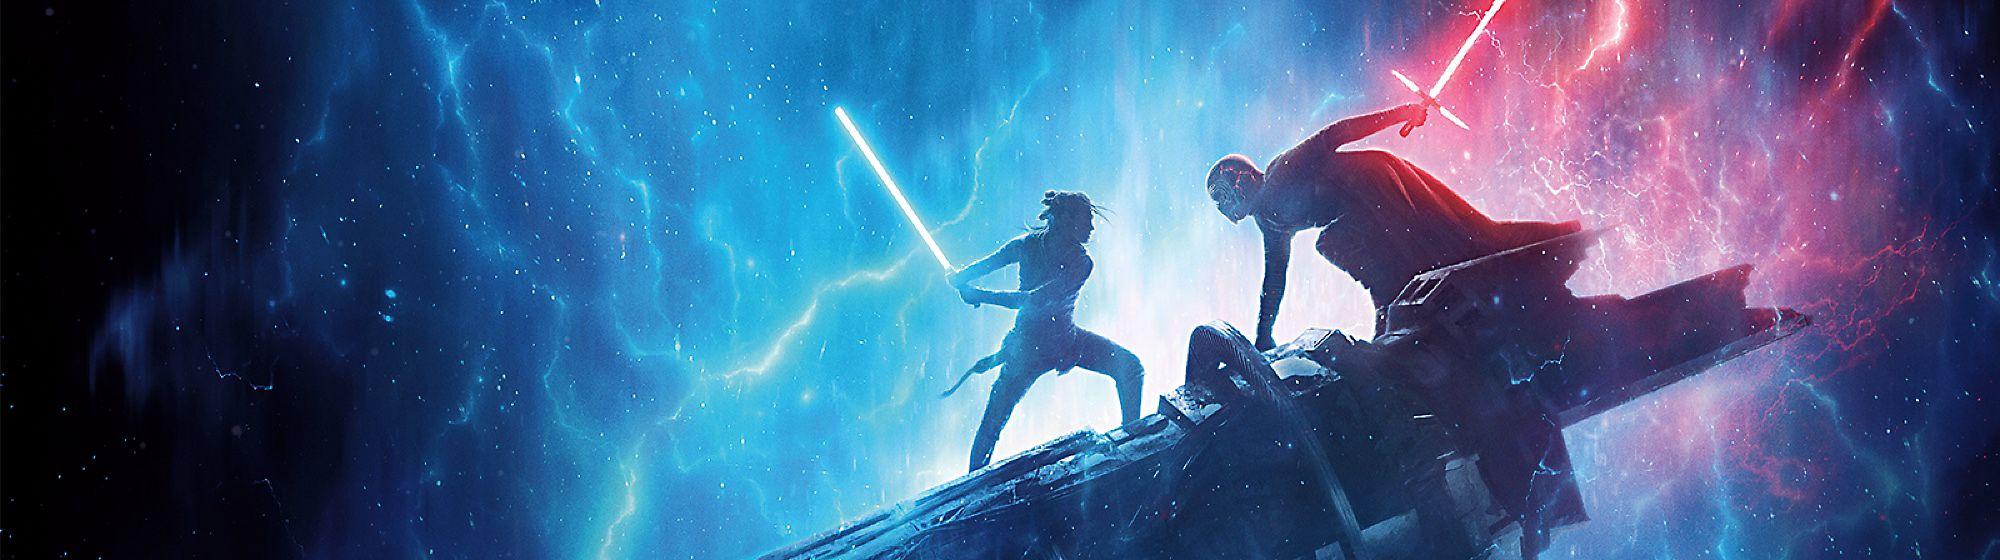 Möge die Macht mit dir sein, wenn du unsere ganz neue Kollektion Star Wars: Der Aufstieg Skywalkers entdeckst